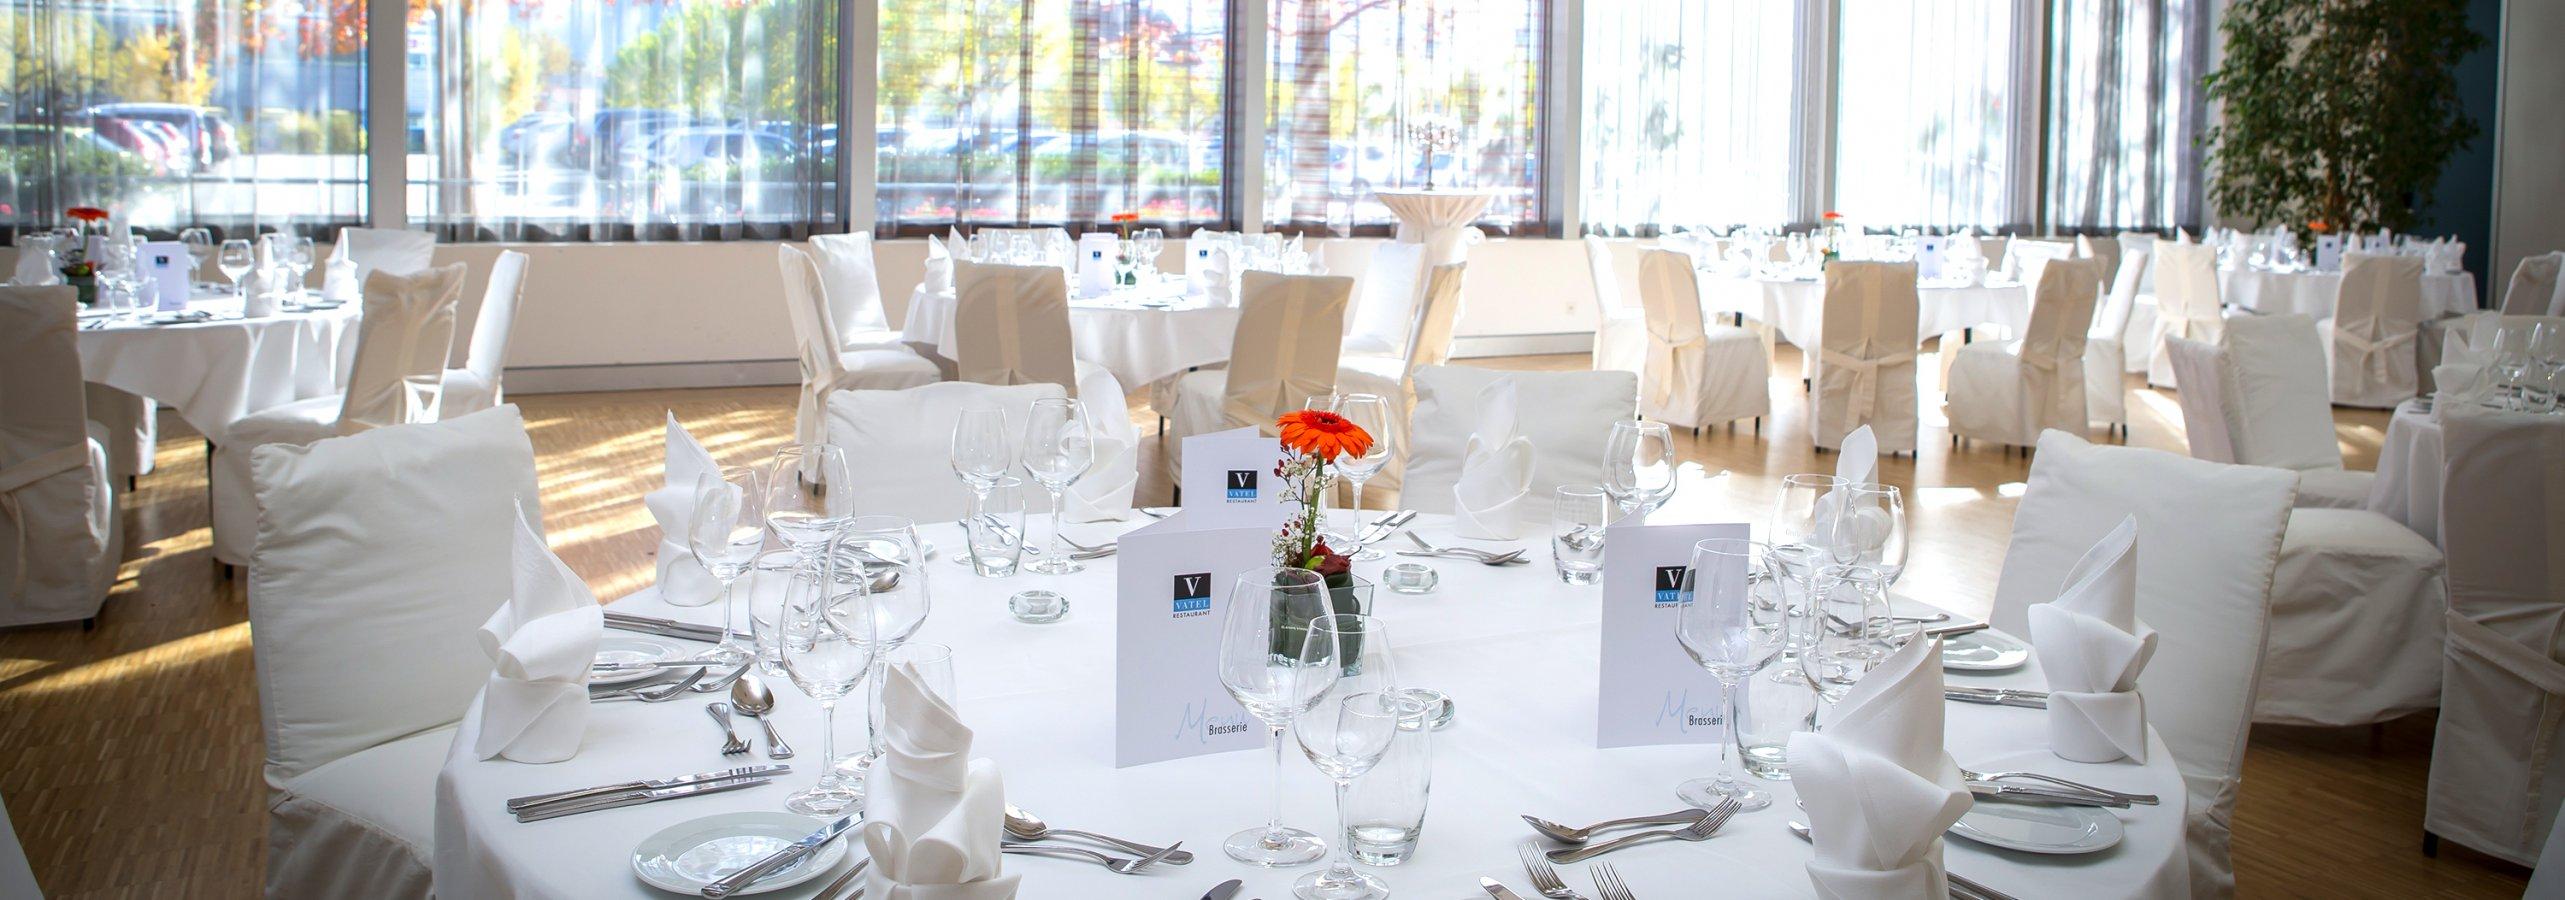 Hotel Vatel Martigny, Banquets et Mariages